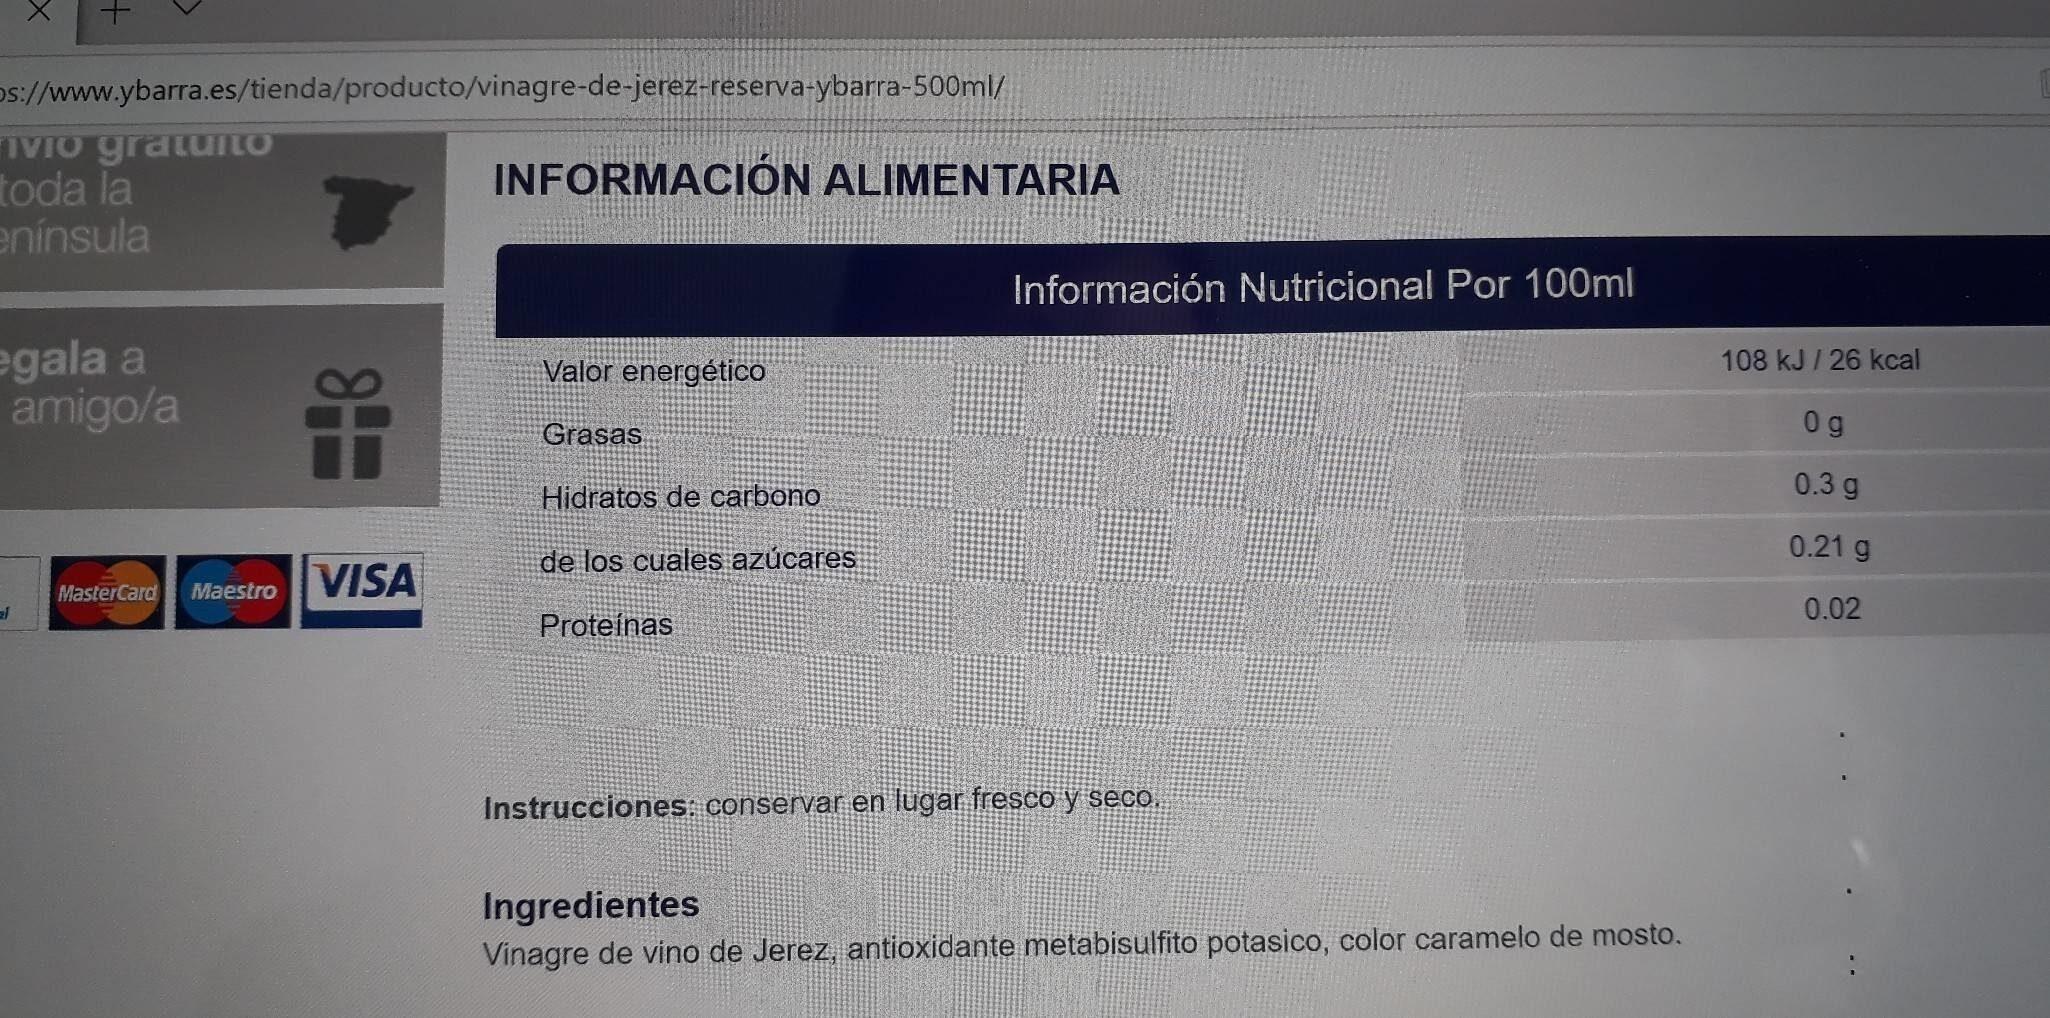 Vinagre De Jerez Ybarra - Información nutricional - es